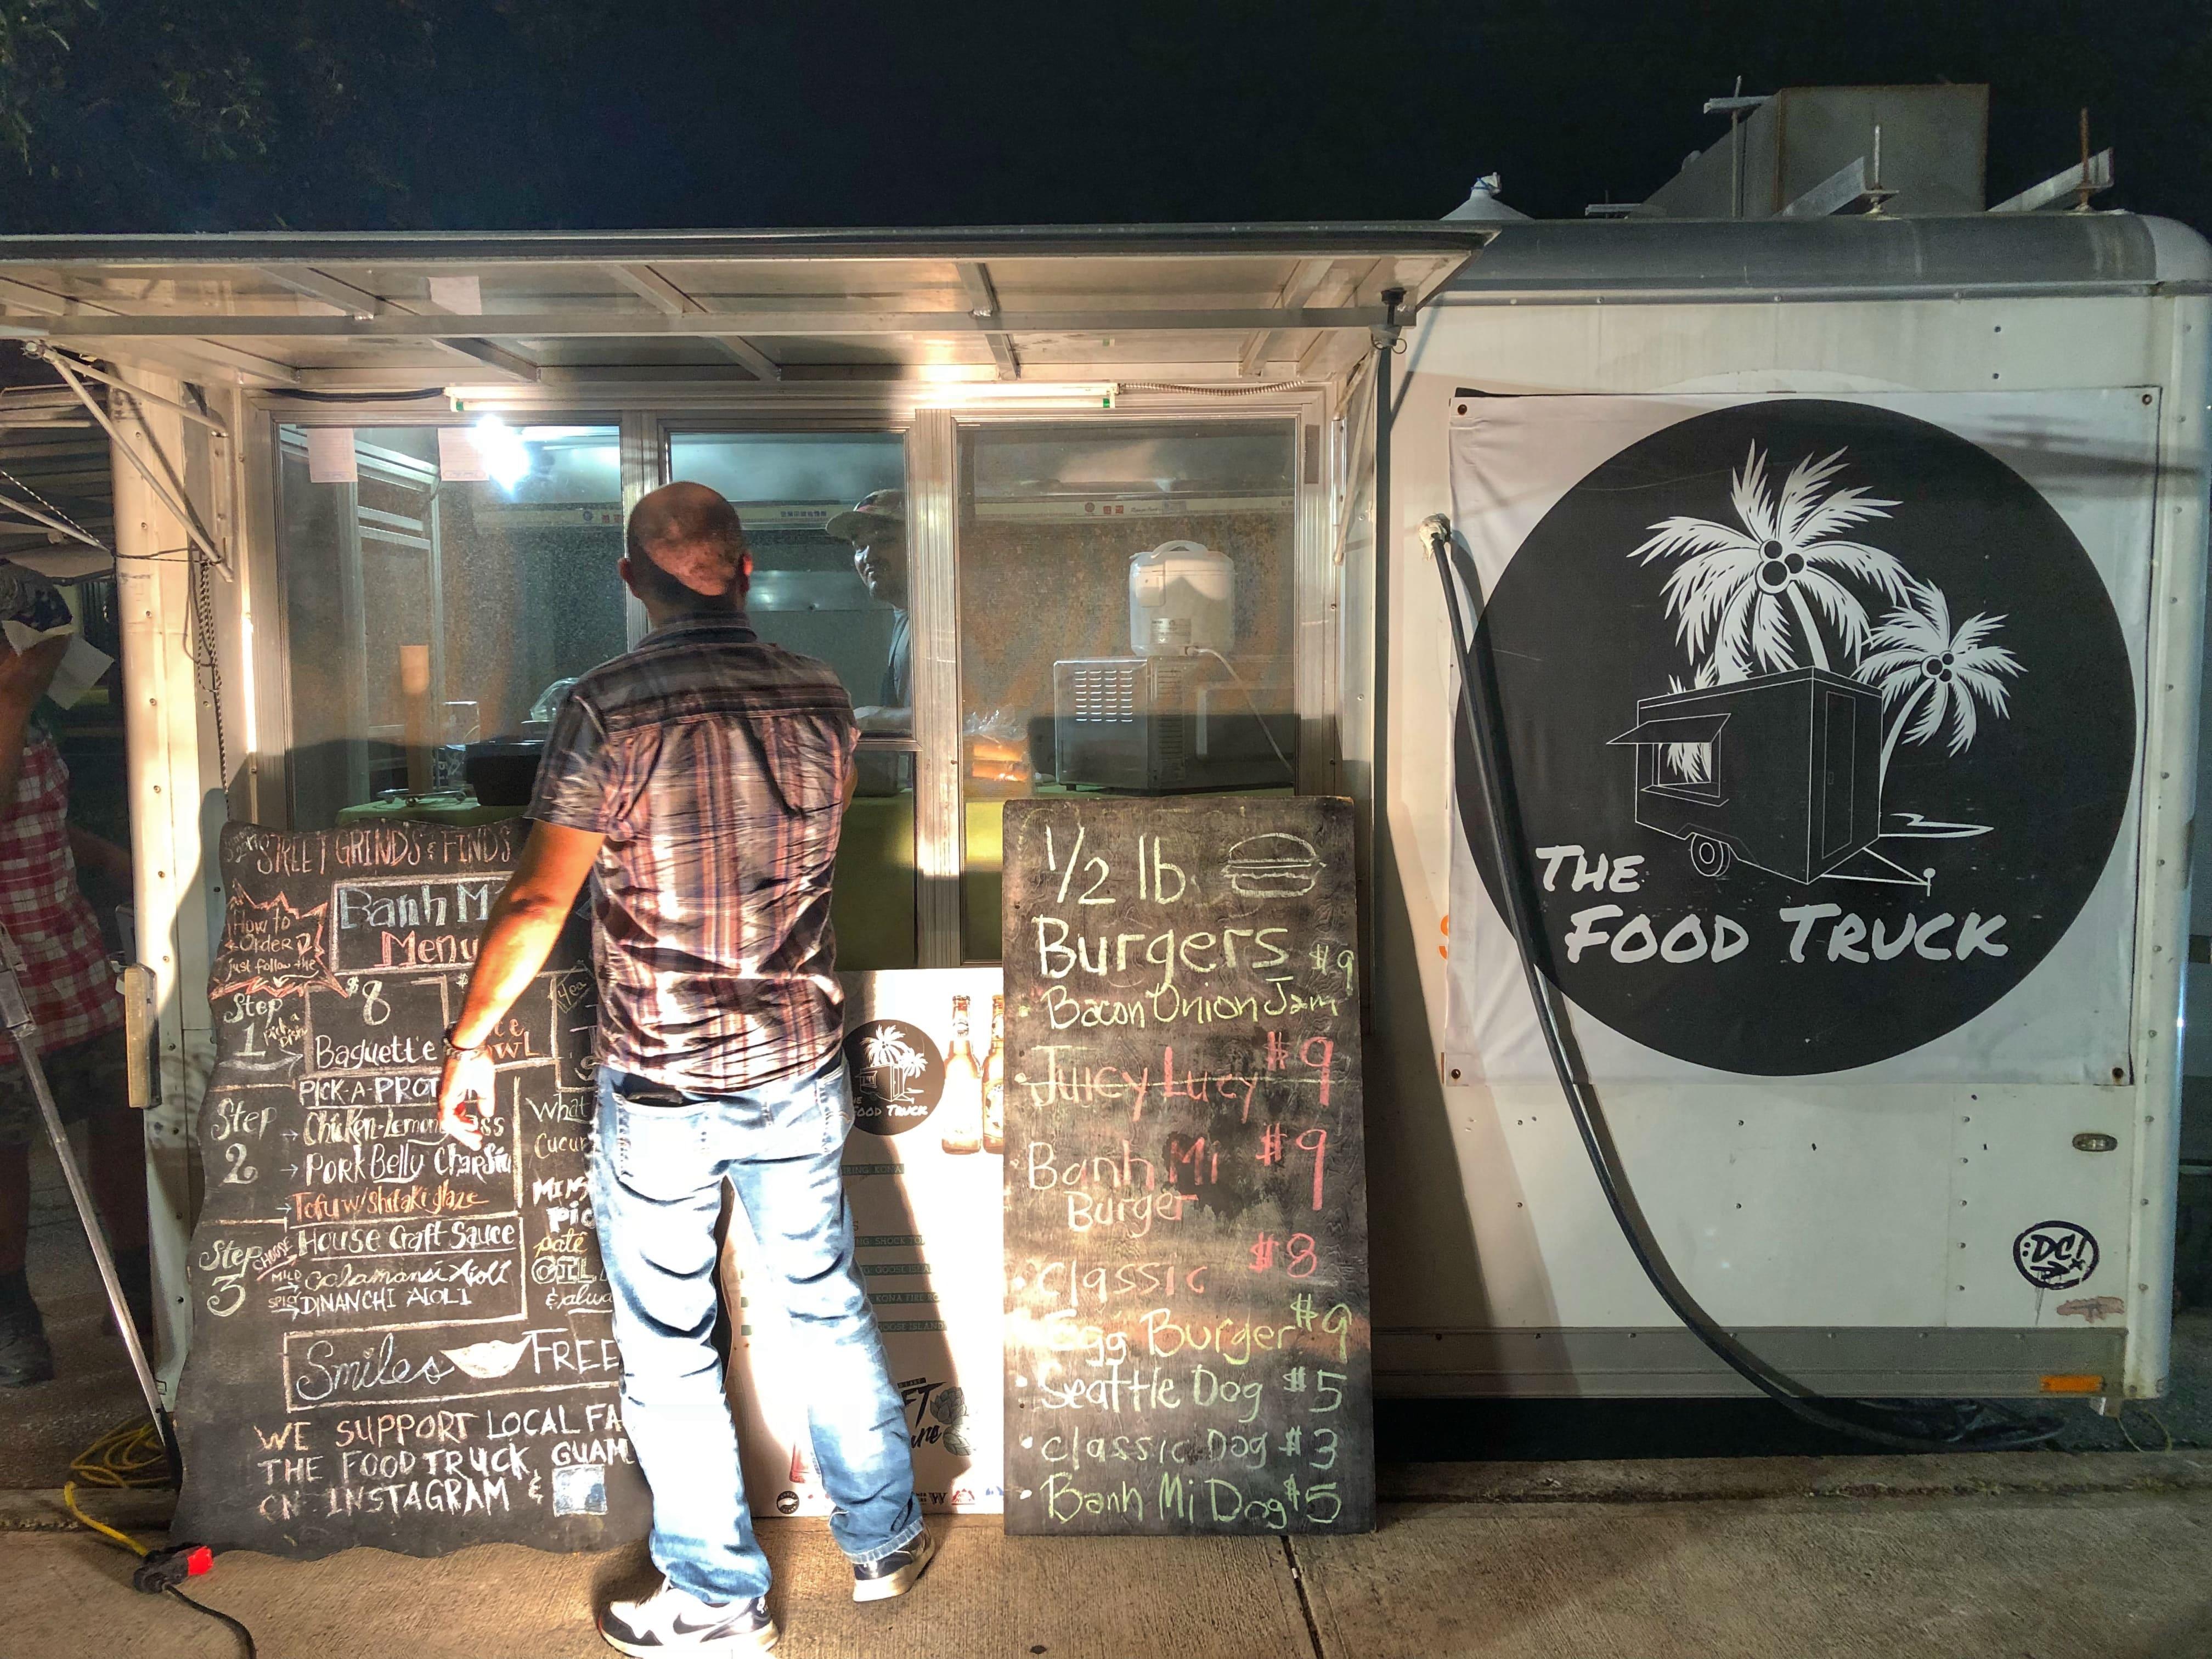 就是這台快餐車 (The Food Truck) ,盡其所能使用在地食材